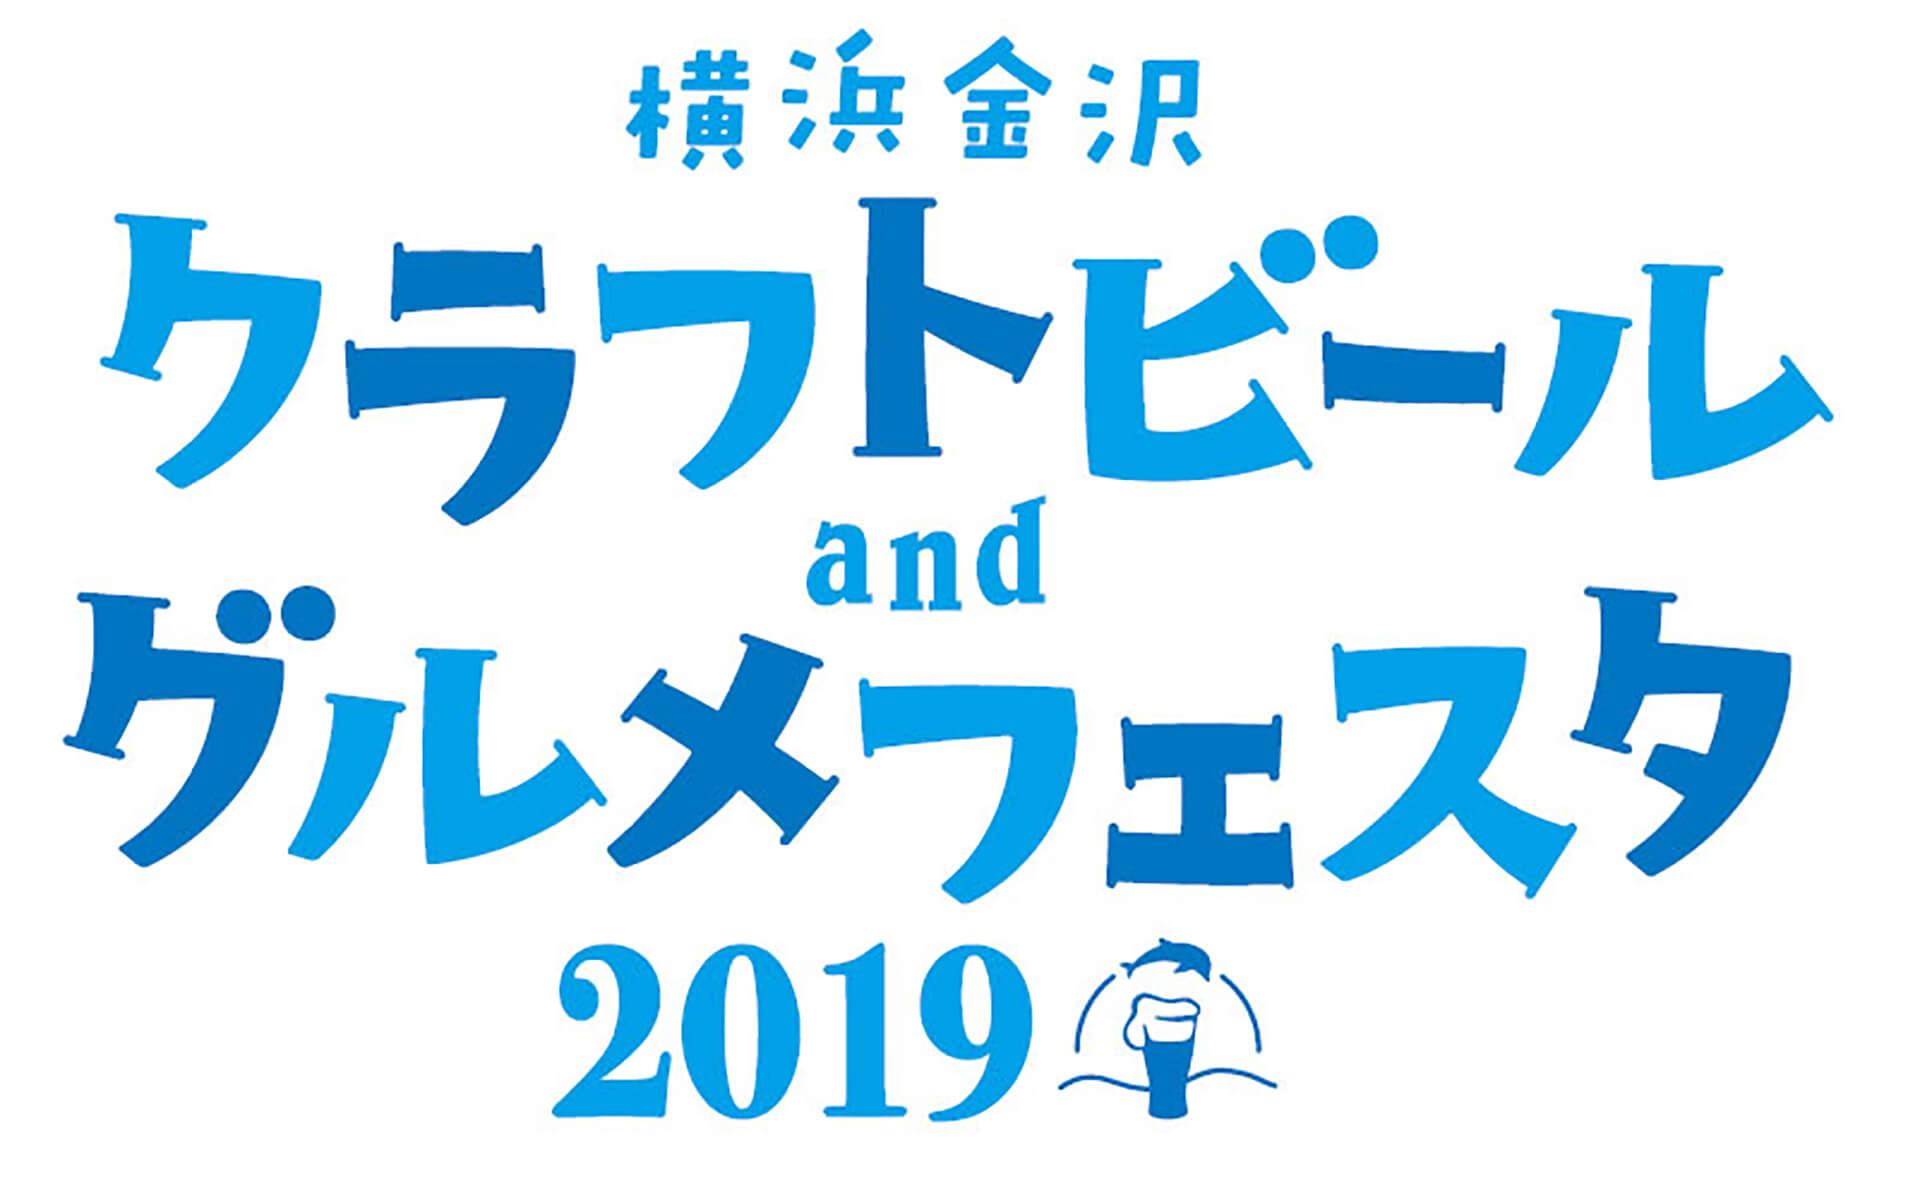 横浜金沢クラフトビールandグルメフェスタ2019ロゴ